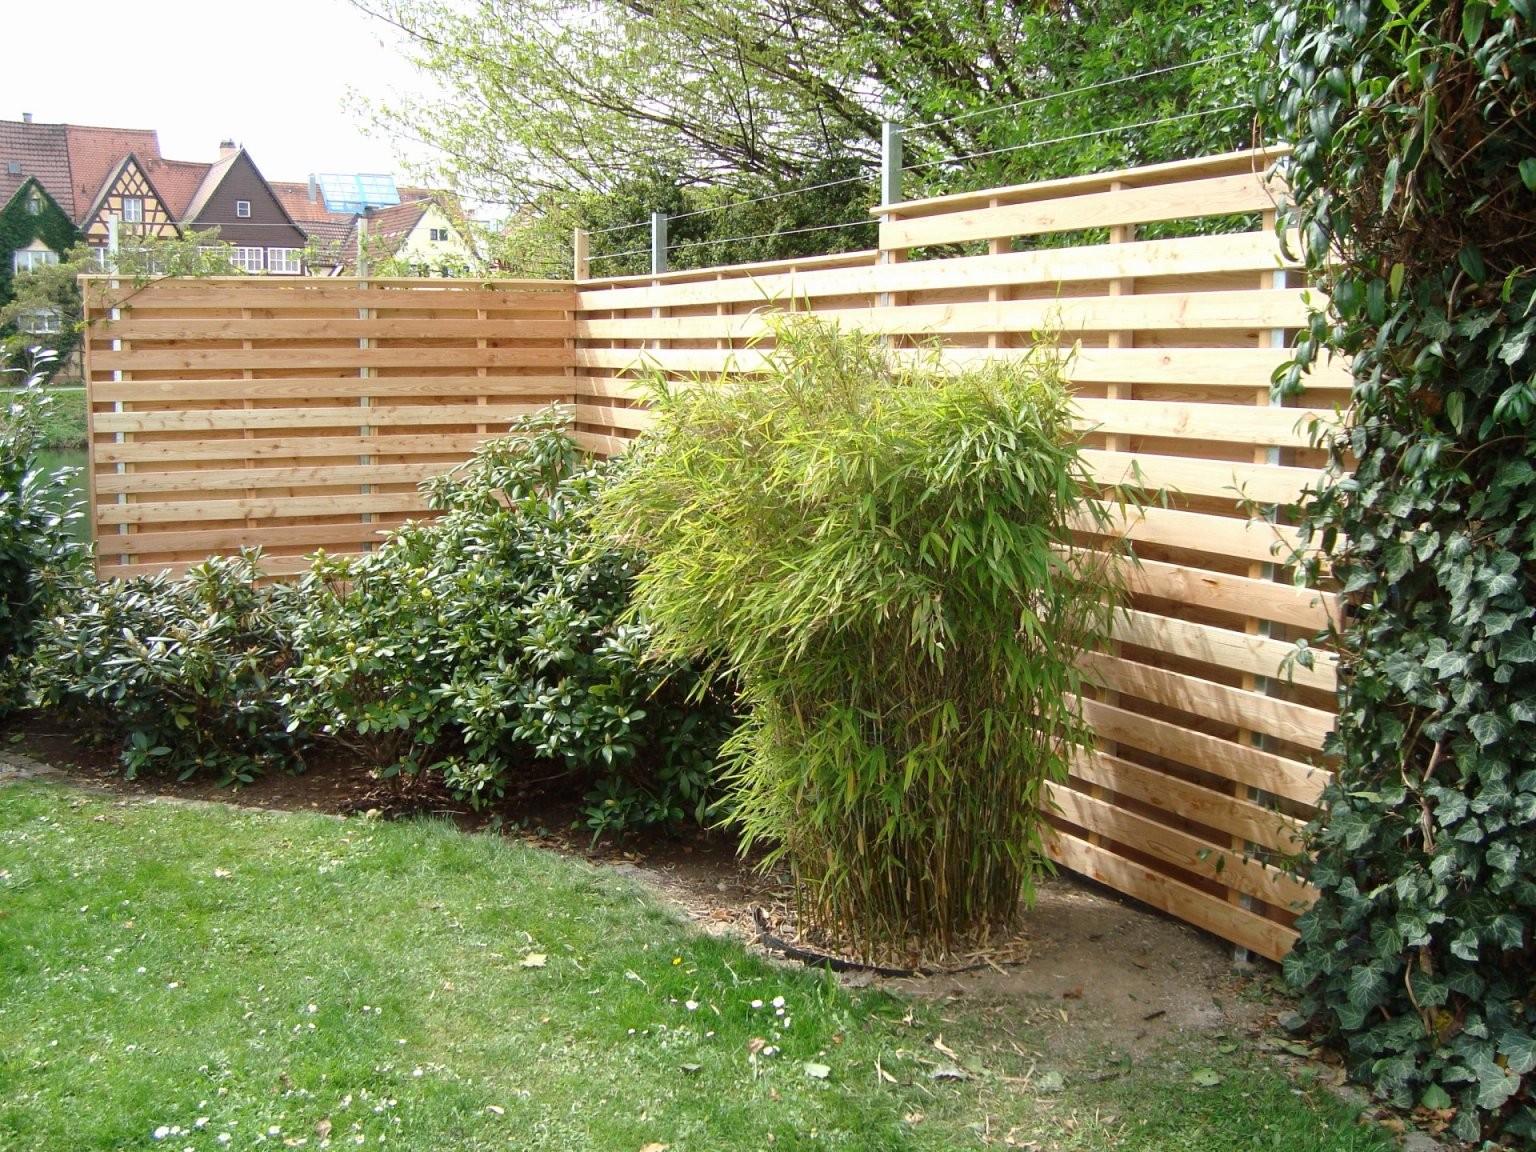 Moderner Sichtschutz Für Garten Einzigartig Kleine Garten Für Design von Moderner Sichtschutz Für Den Garten Bild